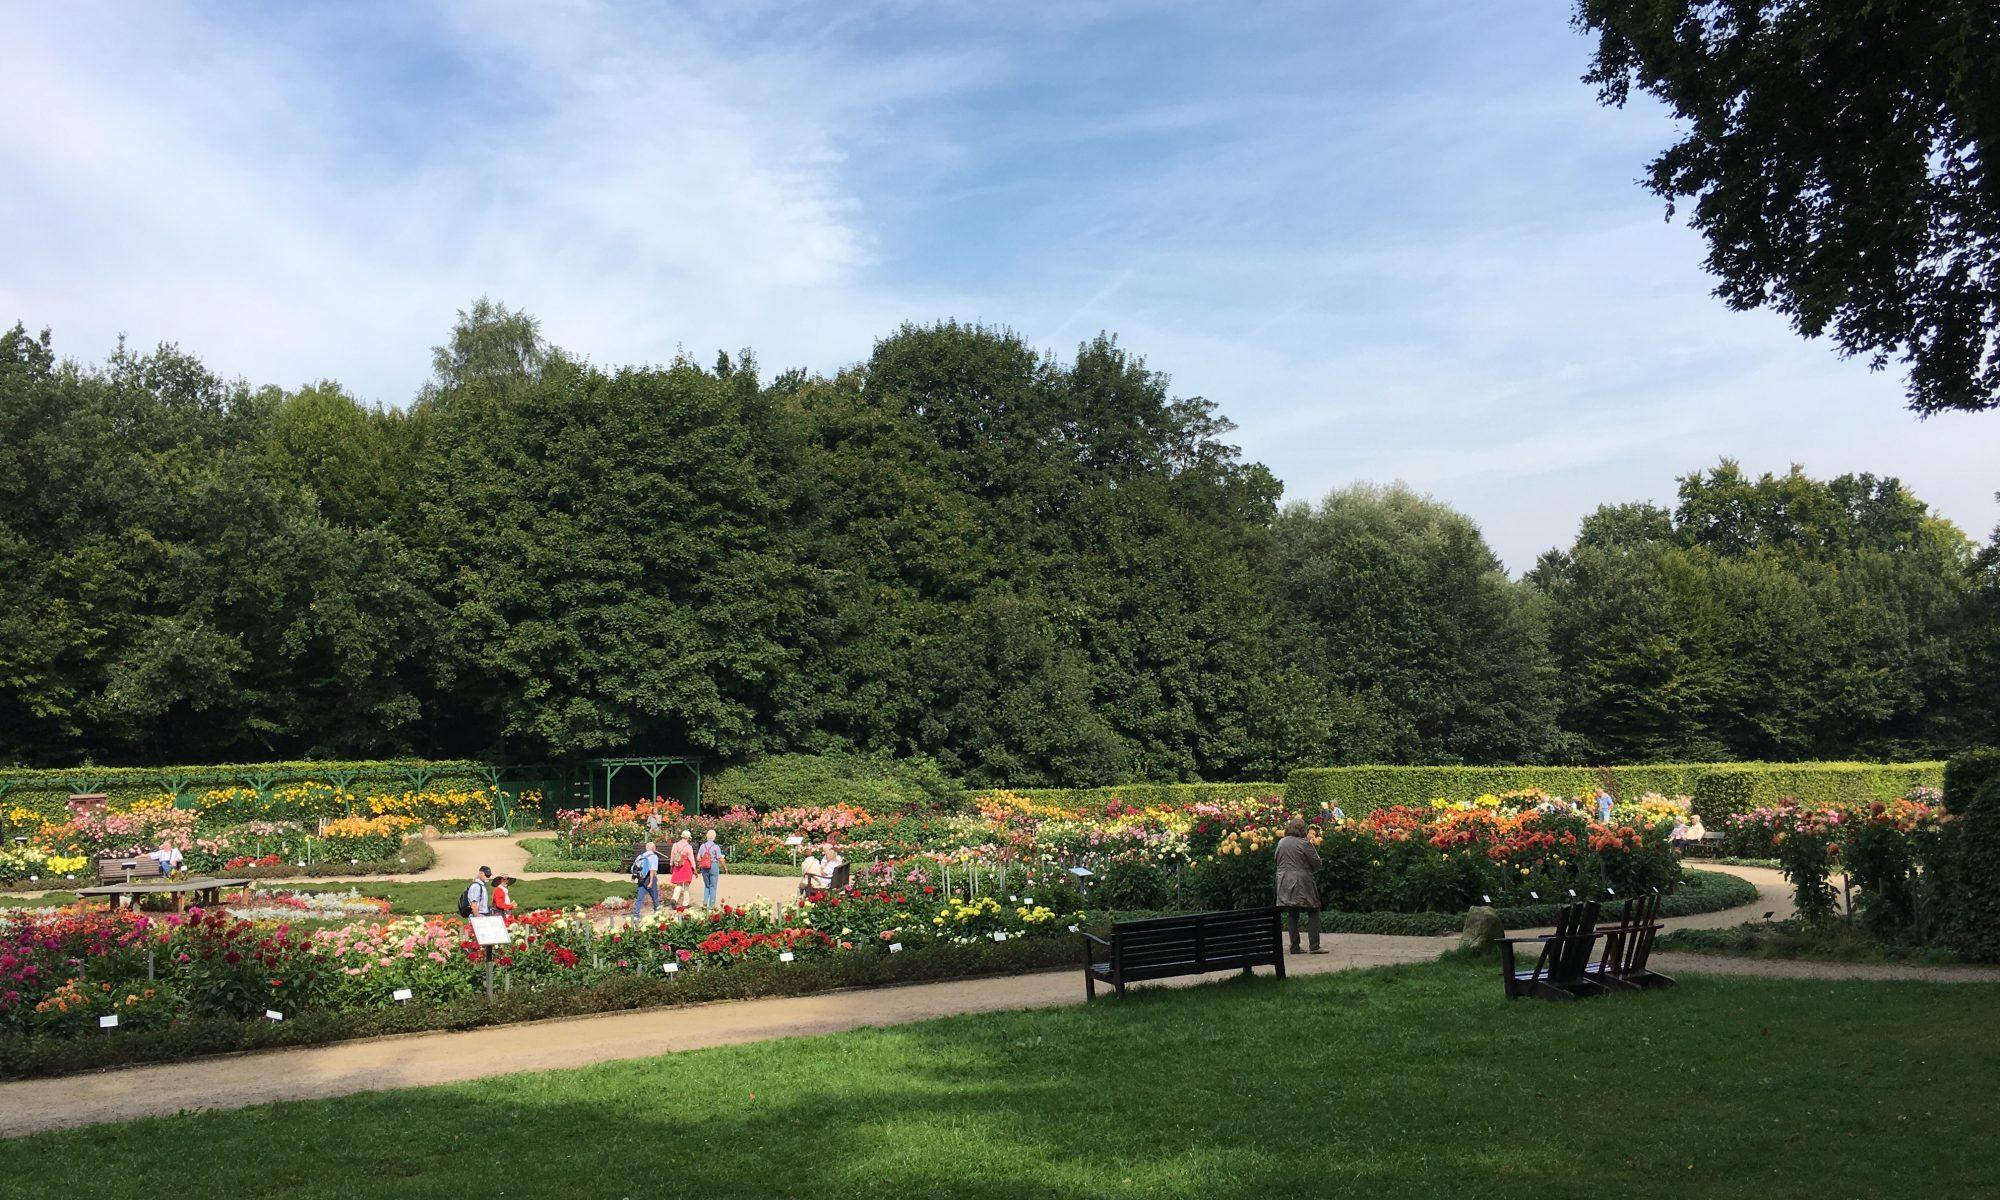 Dahliengarten in Hamburg